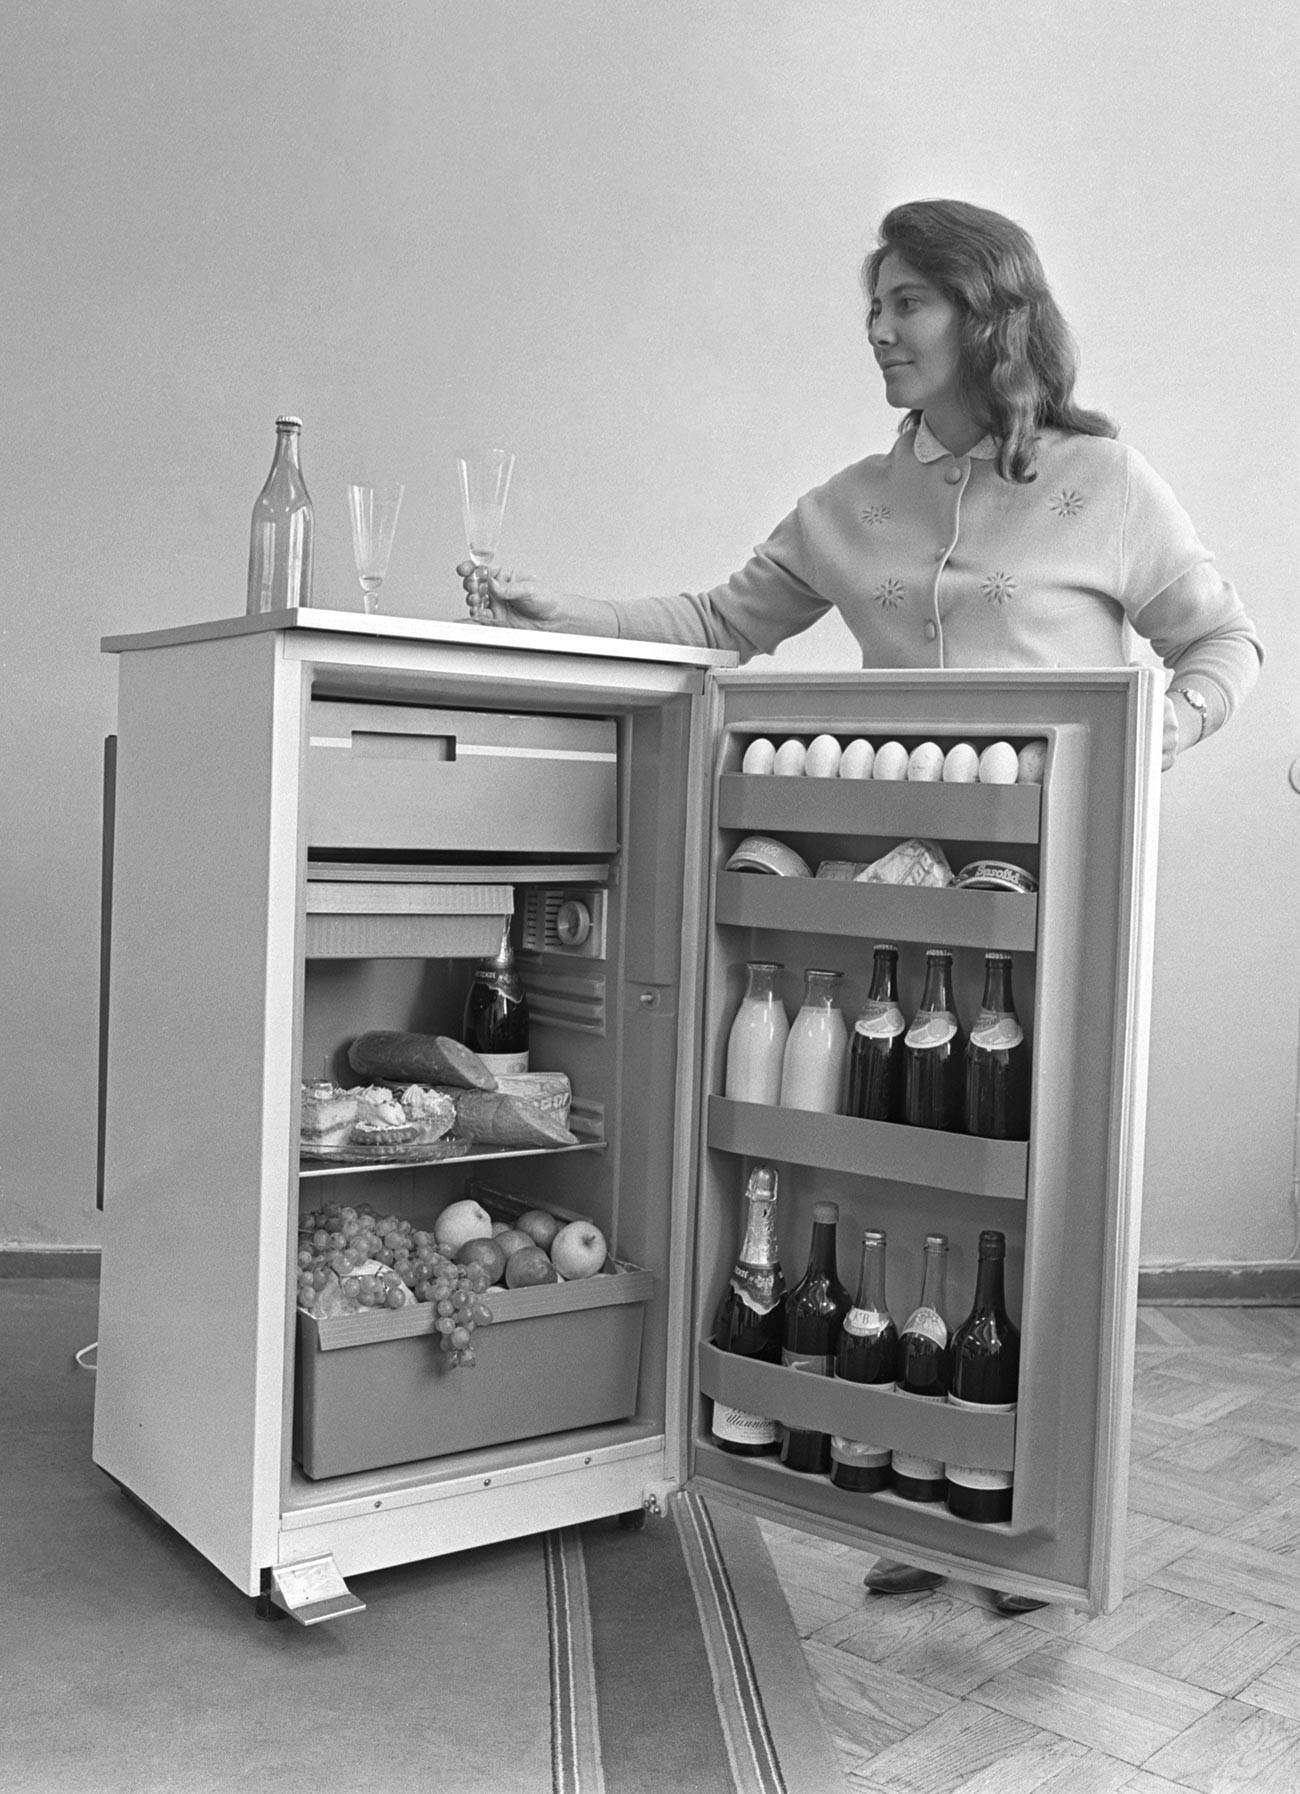 Fábrica de geladeiras de Quichinau, 1970